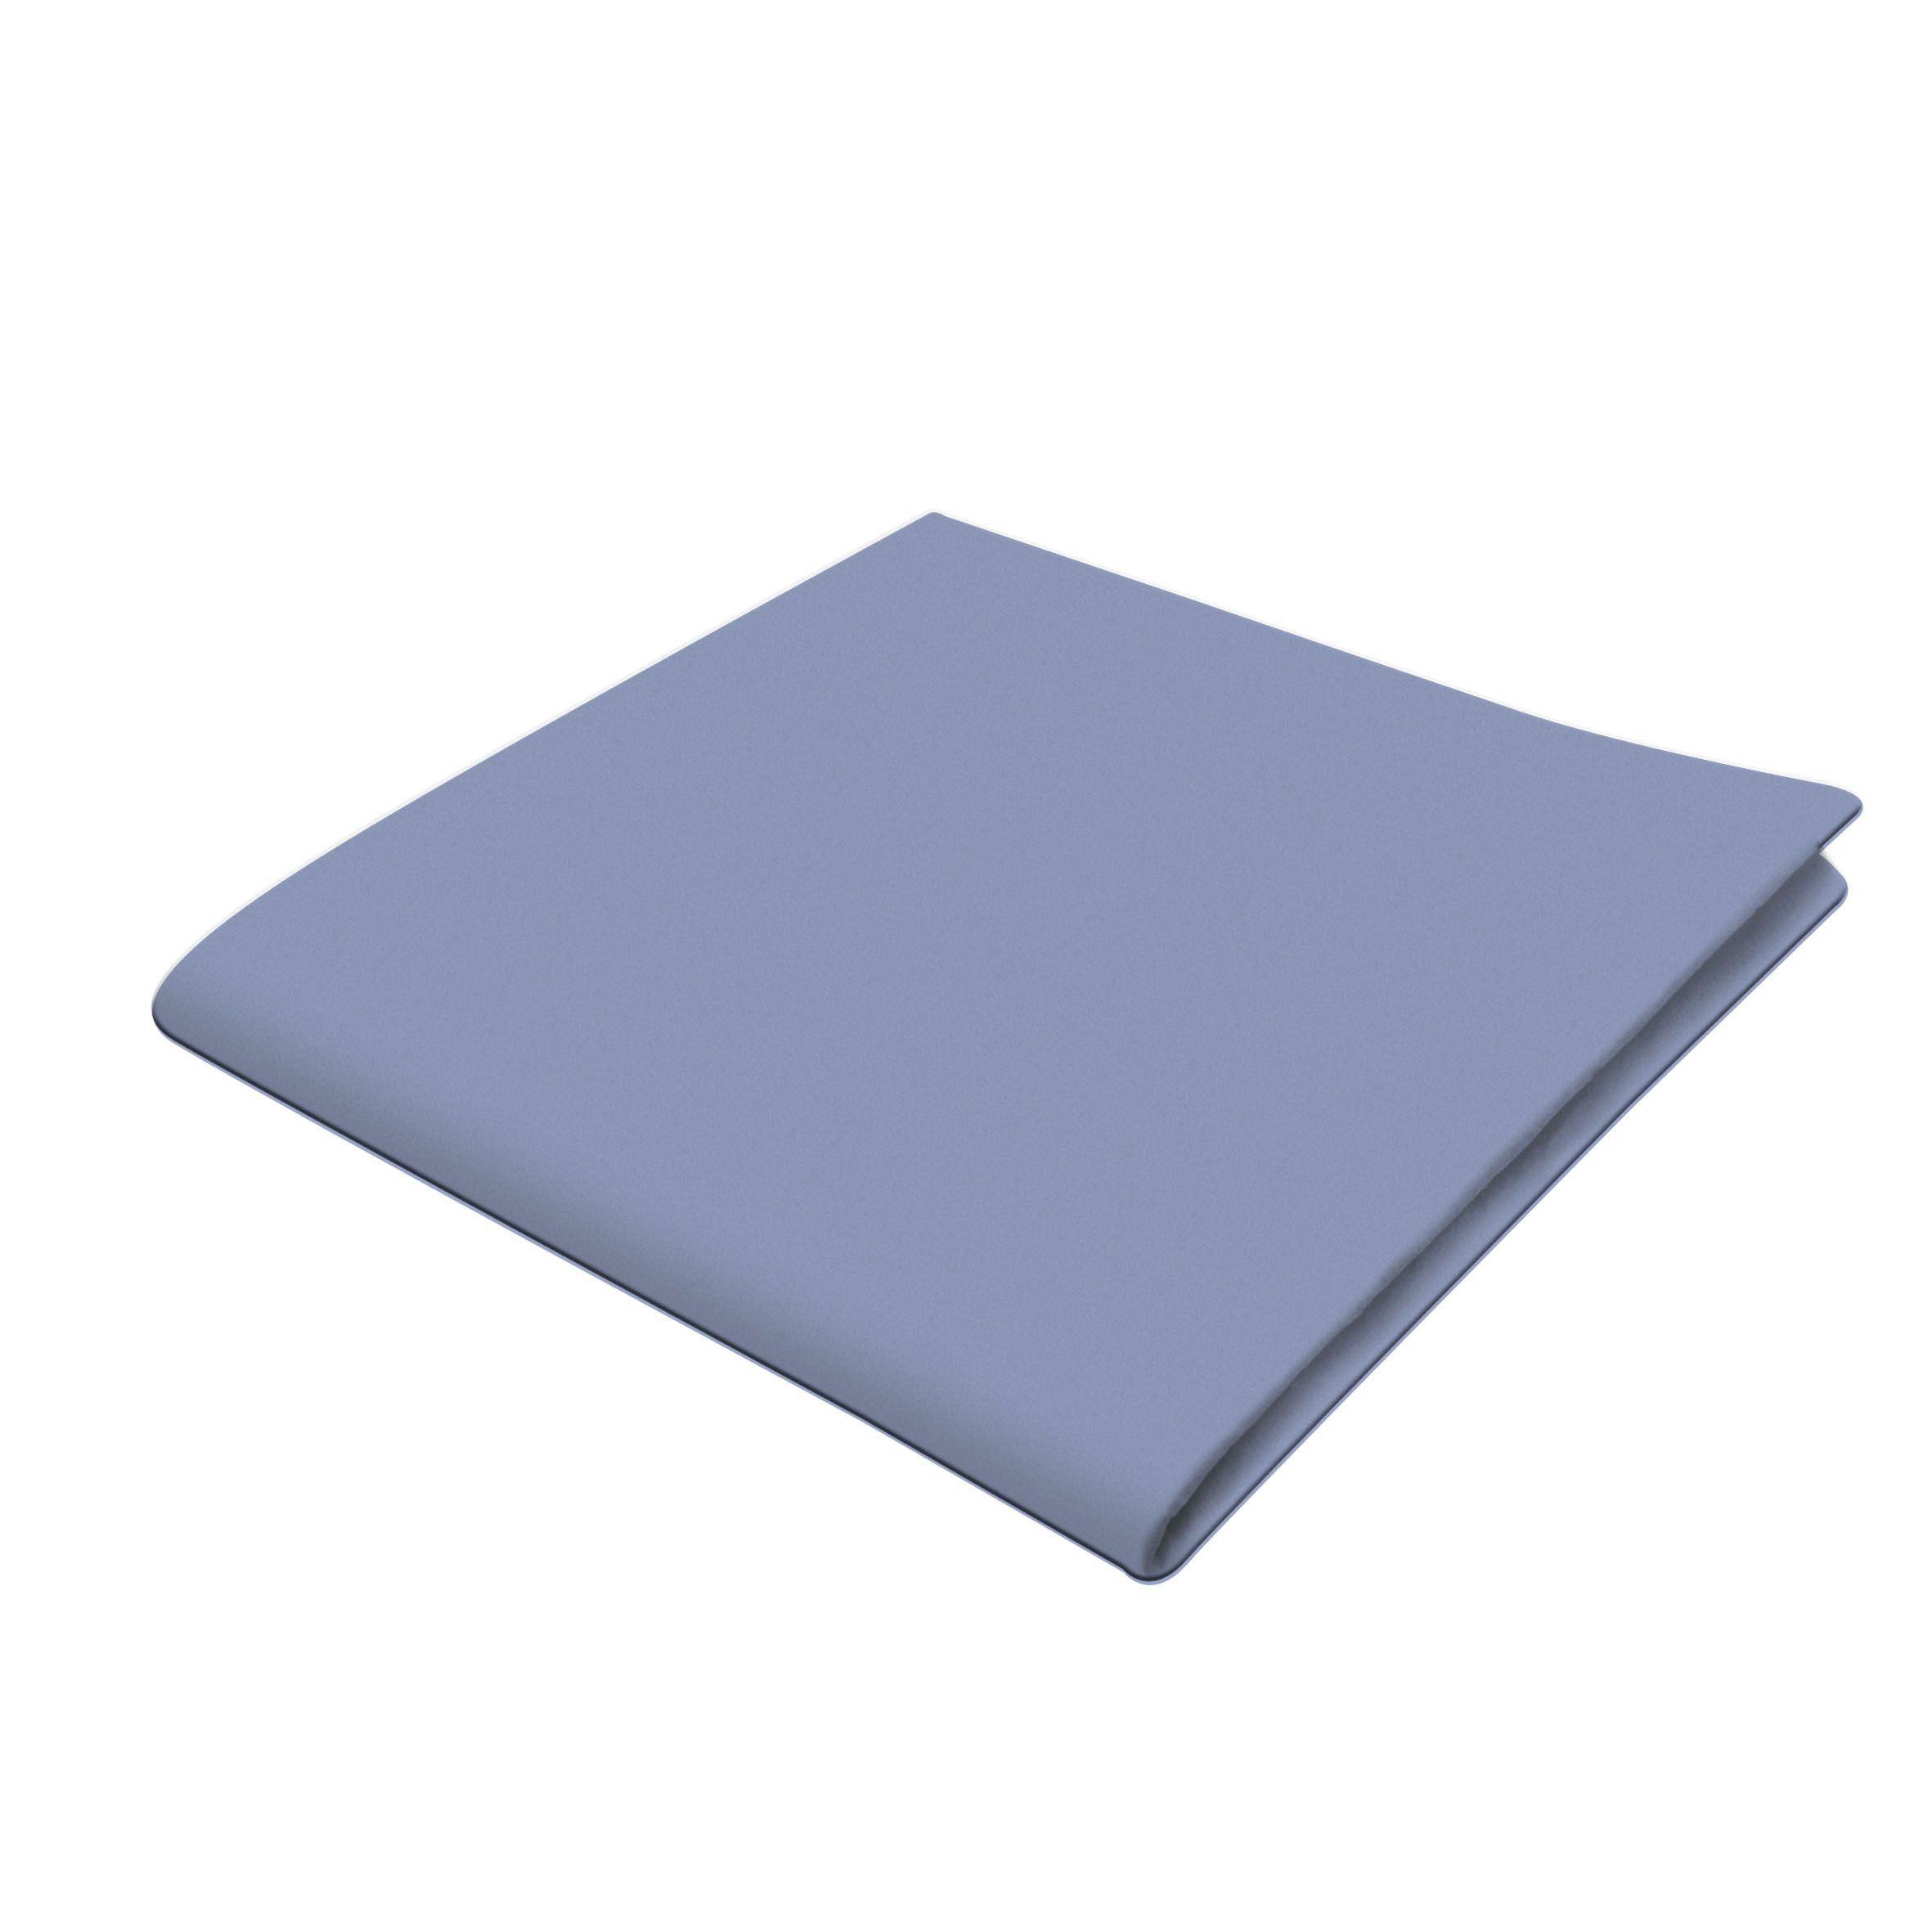 Desinfektions- und Reinigungstücher 40 x 40 cm in blau, Packung á 10 Stück